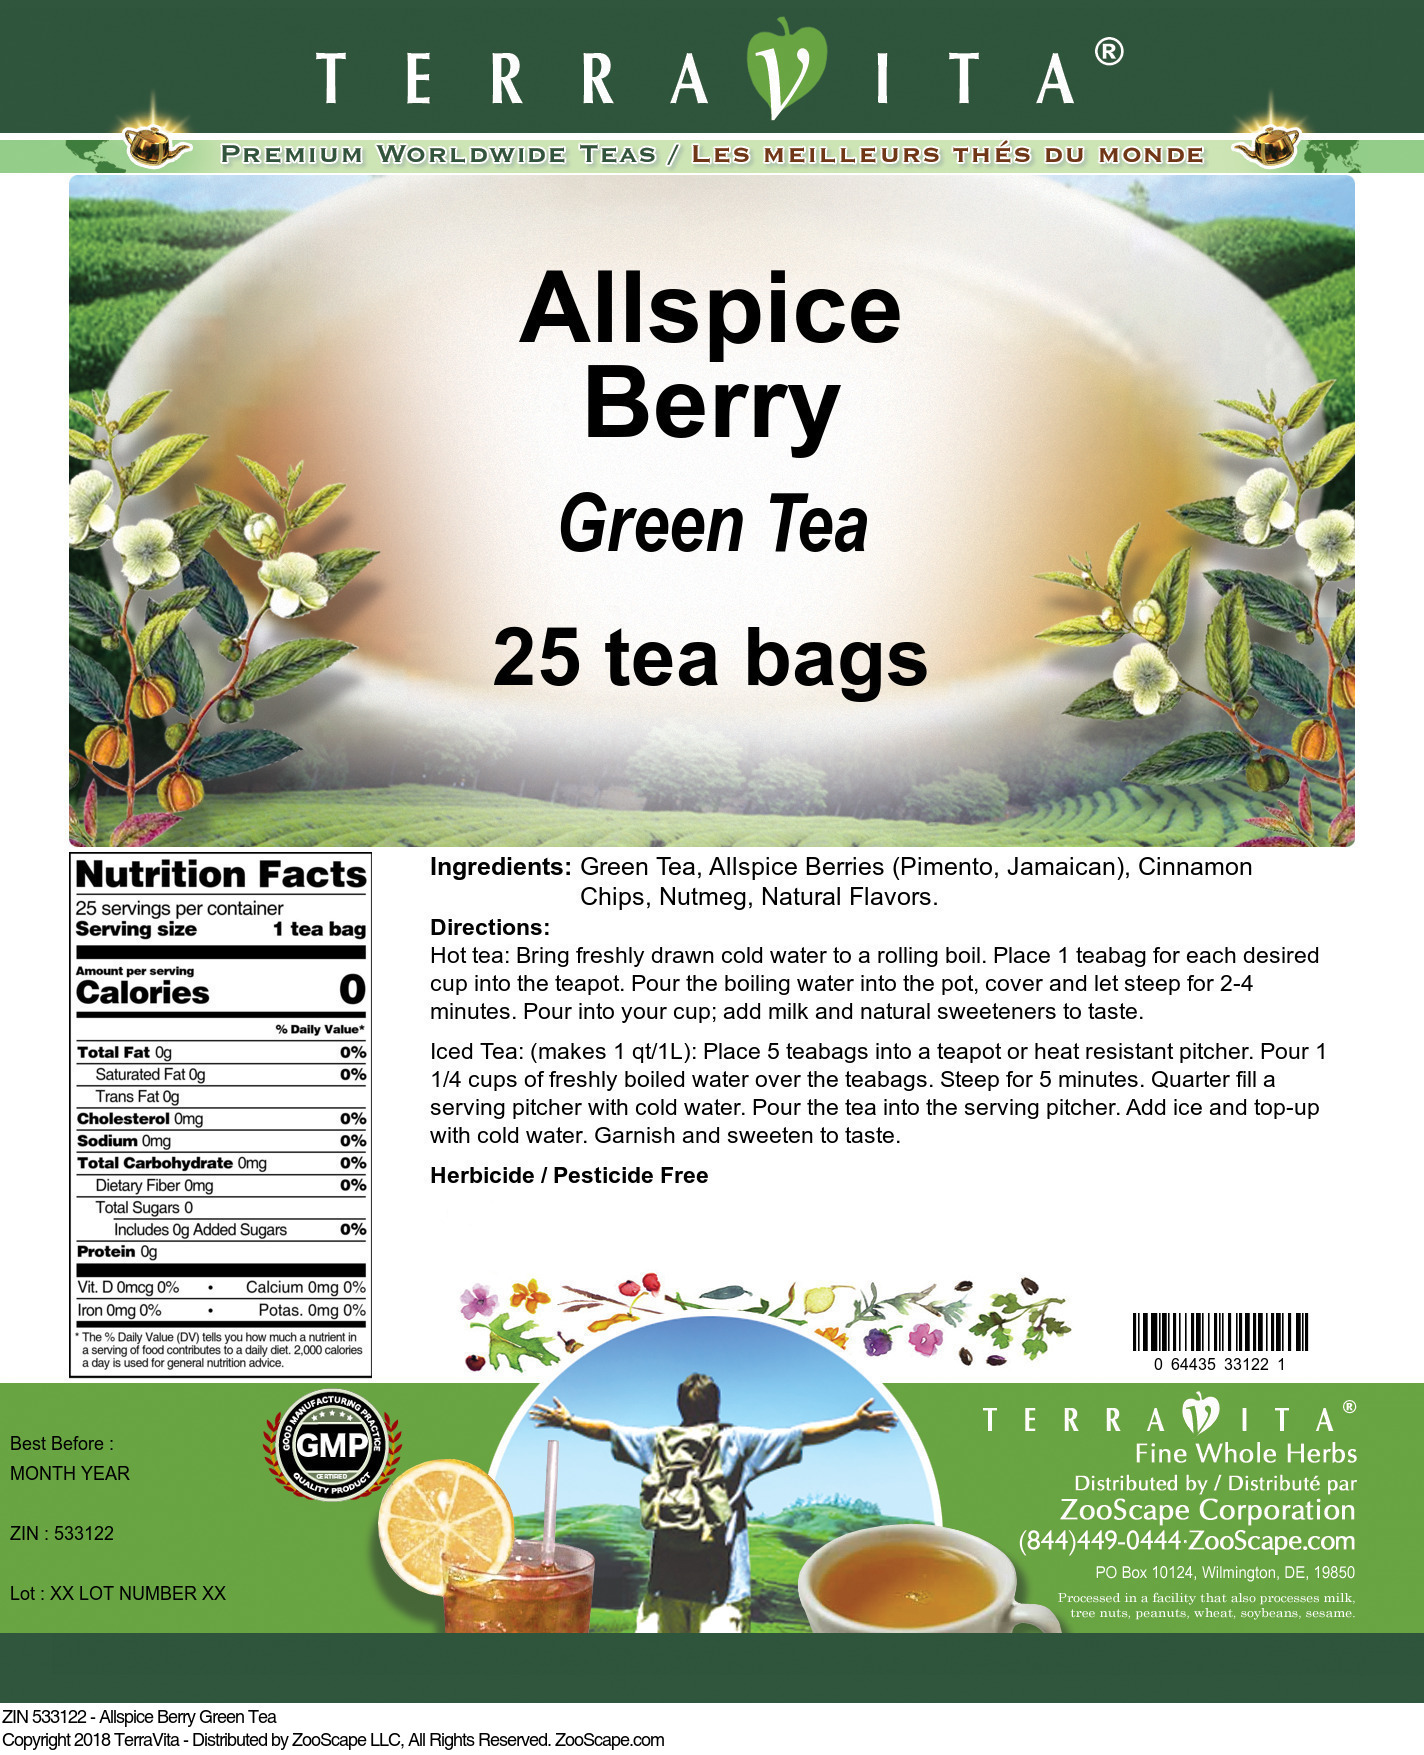 Allspice Berry Green Tea